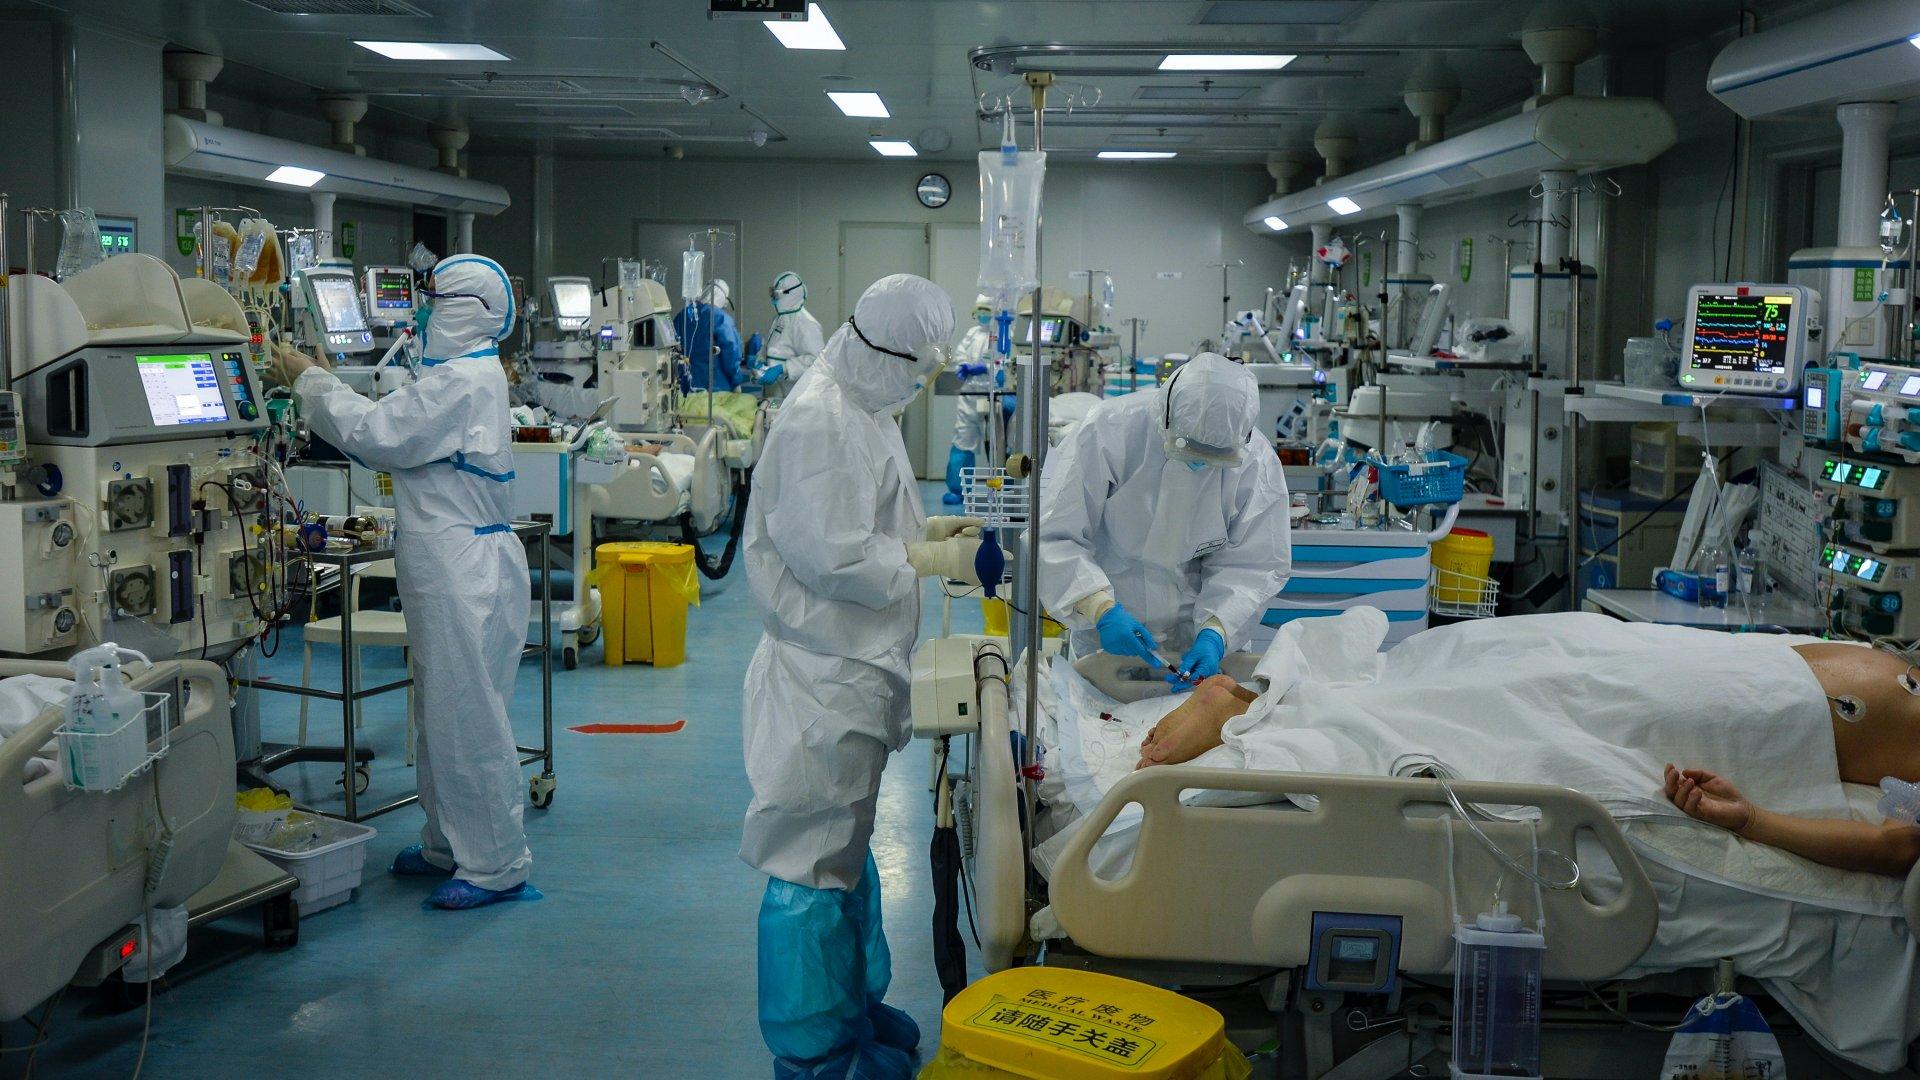 A járványügyi hatóság védőöltözetet viselő munkatársai egy kórház intenzív osztályát készítik elõ a tüdőgyulladást okozó új koronavírussal fertőzöttek fogadására a járvány gócpontjában, a kelet-kínai Hupej tartomány székhelyén, Vuhanban 2020. február 24-én (Fotó: MTI/EPA/Si Cse)